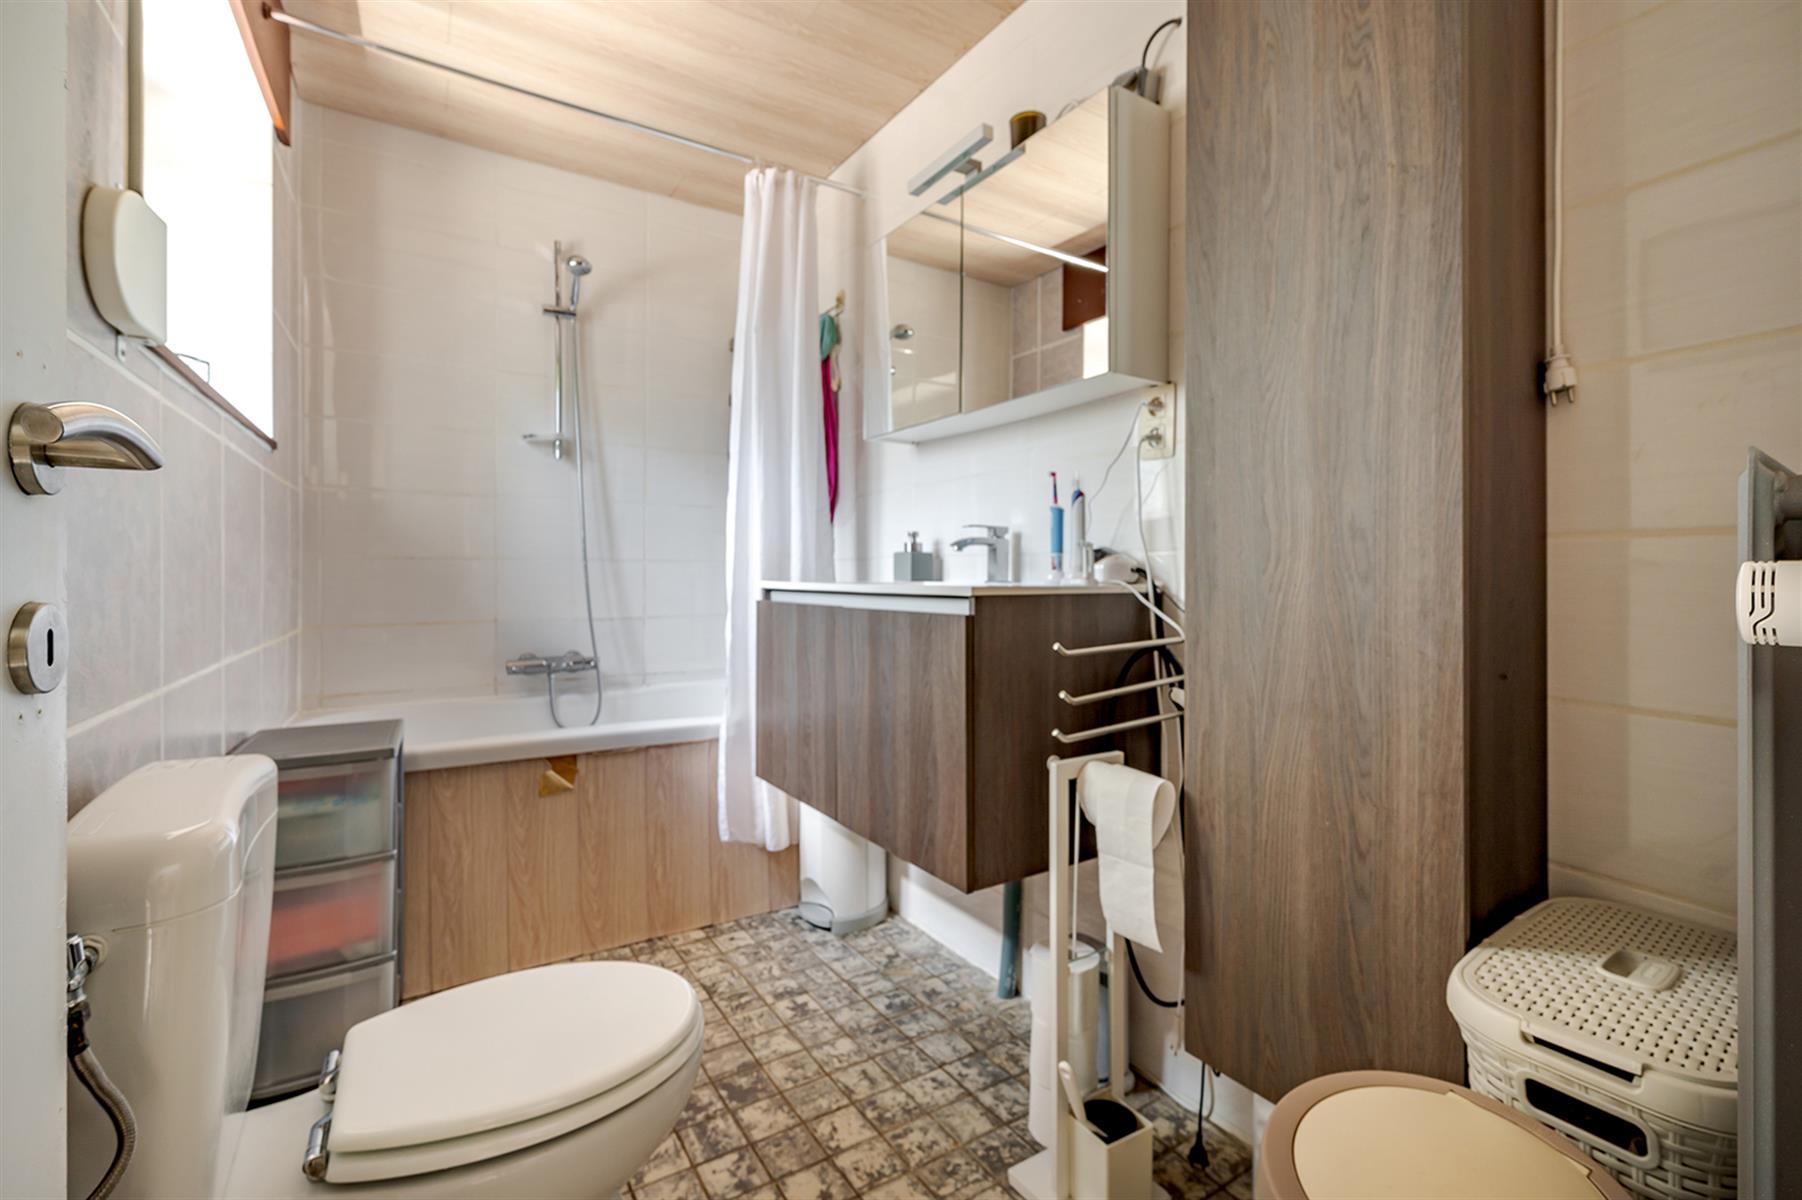 Maison - Villersle-Bouillet Warnant-Dreye - #4392377-8